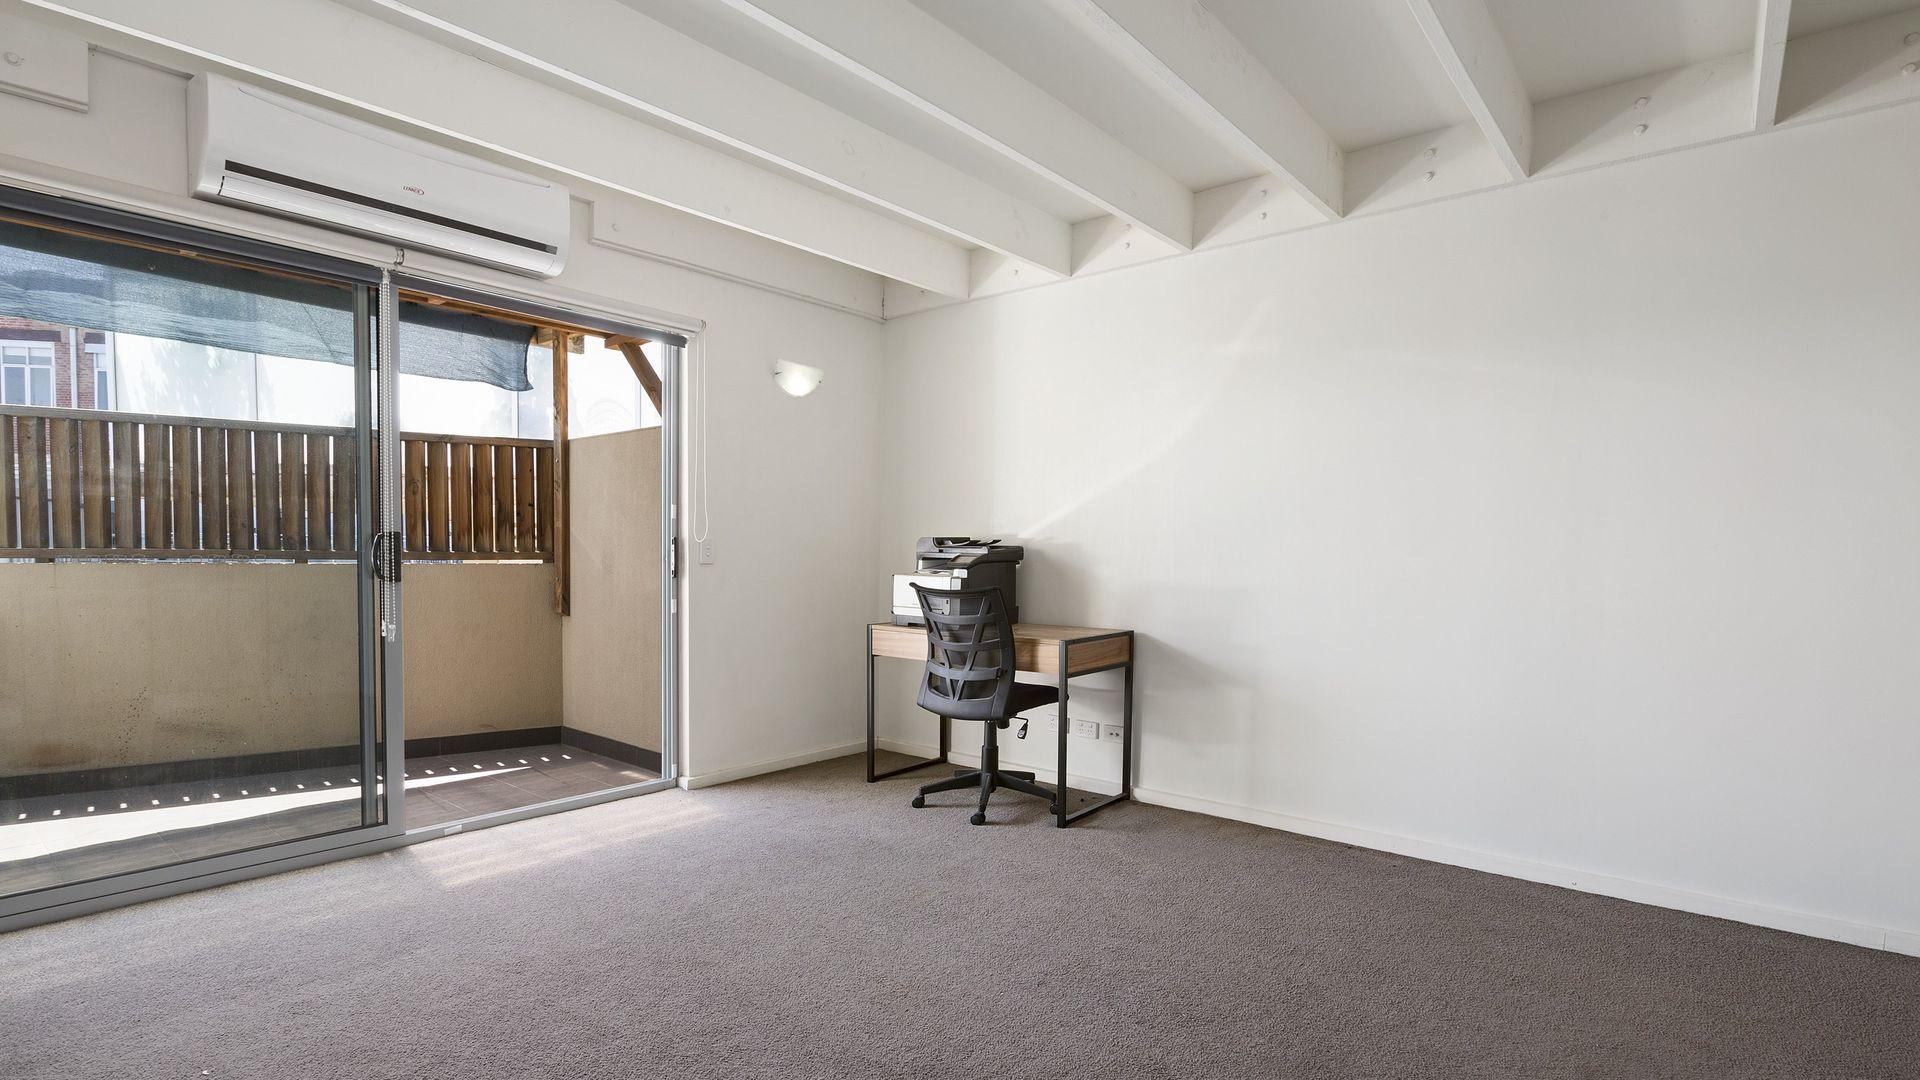 34/50 Rosslyn Street, West Melbourne VIC 3003, Image 1